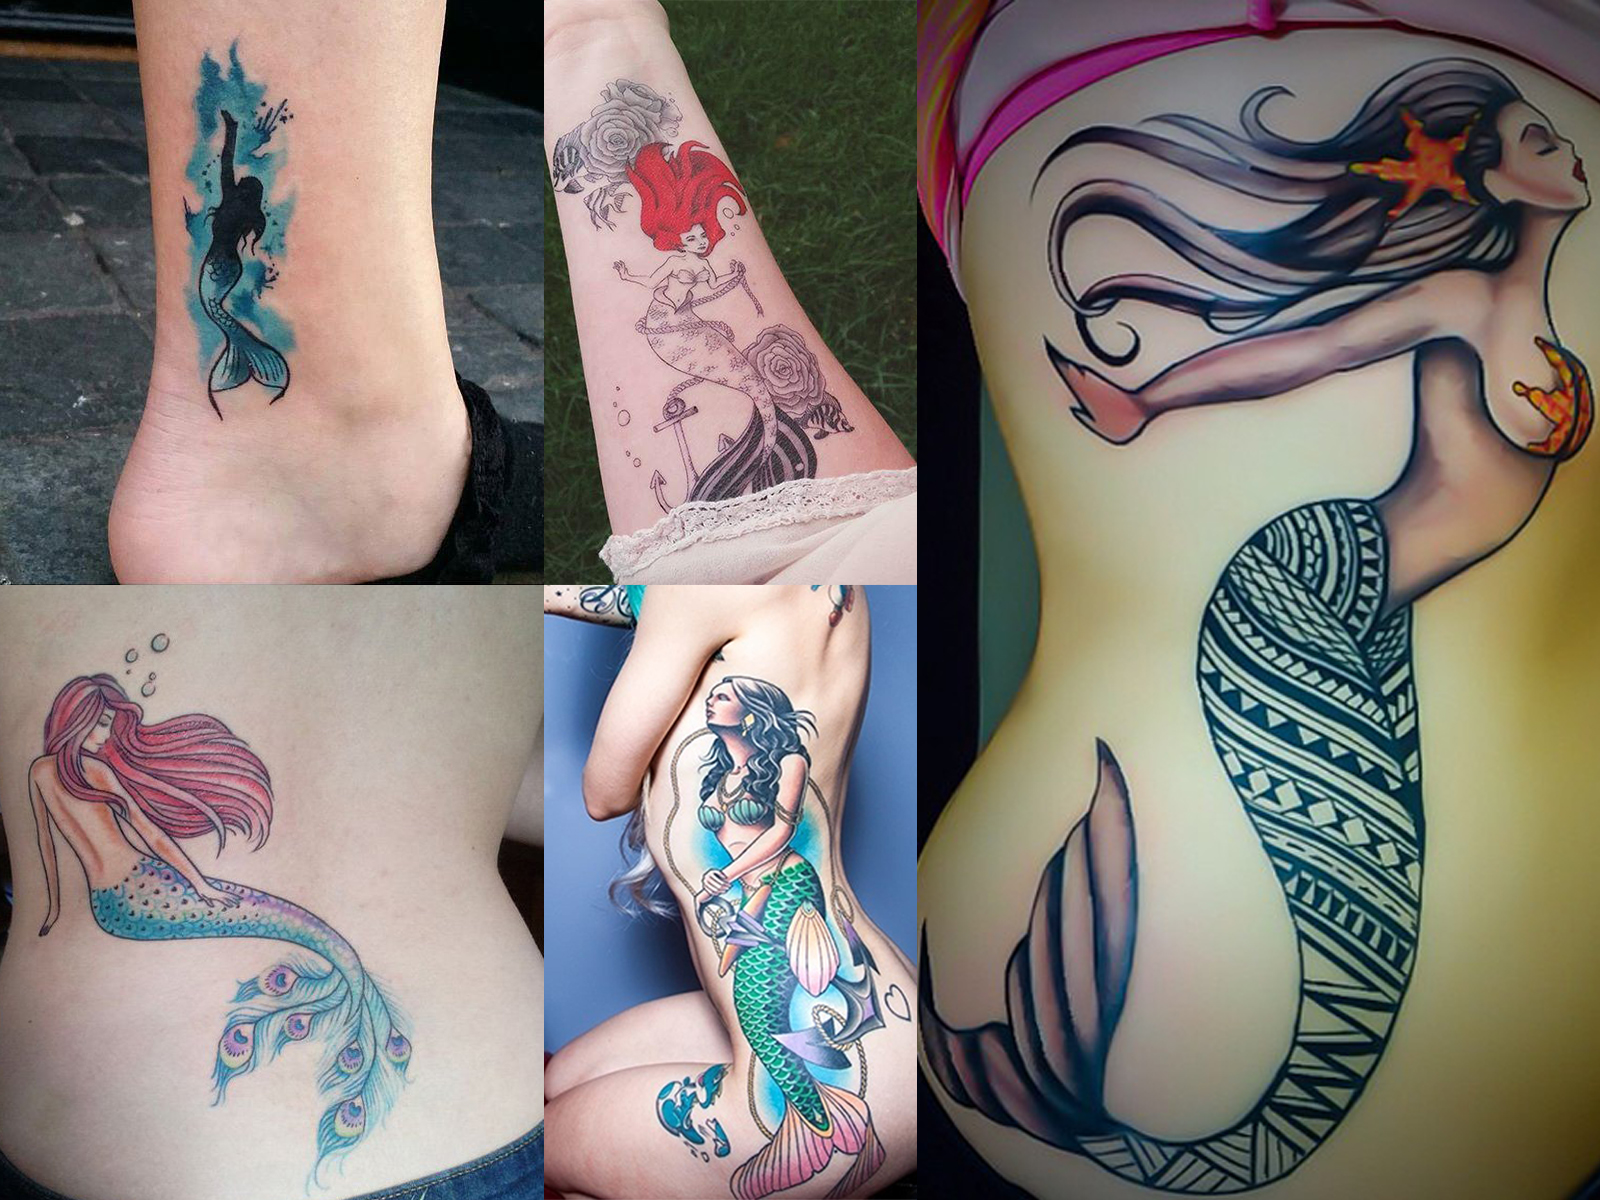 Tatuagens de sereias coloridas